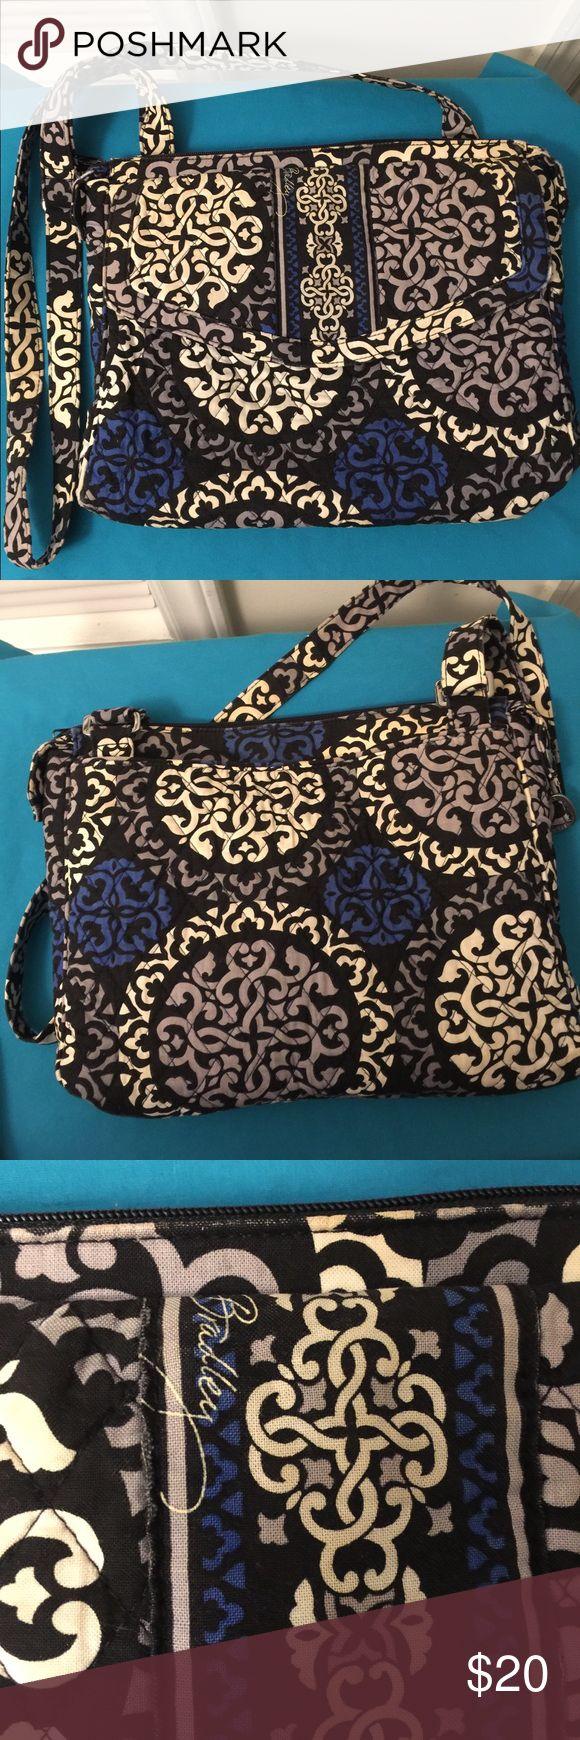 Vera Bradley handbag Vera Bradley handbag used good condition Vera Bradley Bags Shoulder Bags